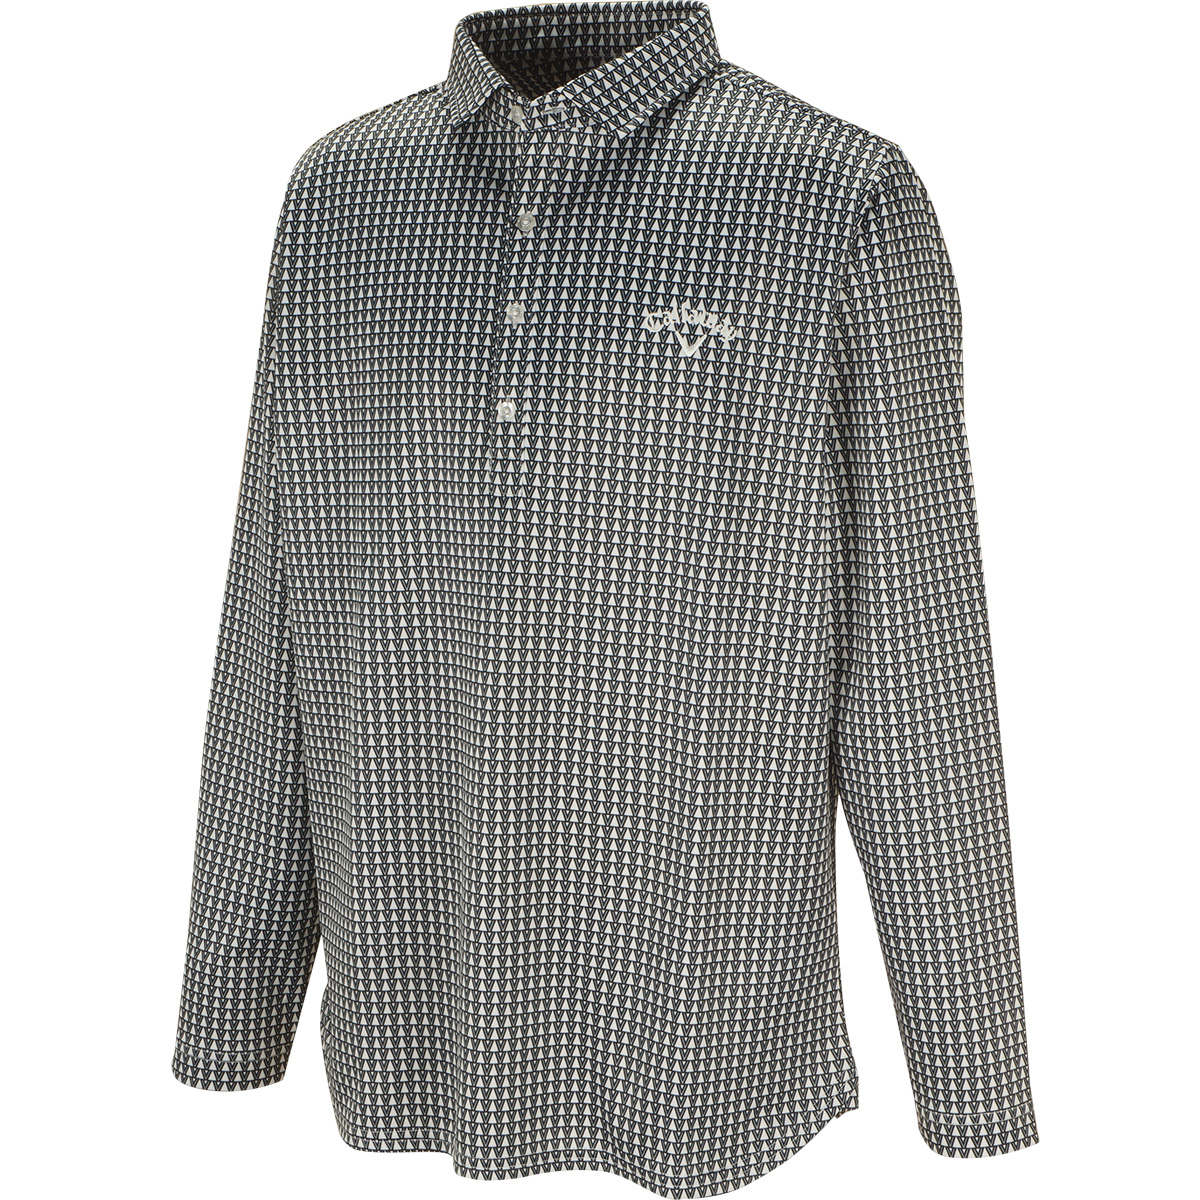 ダブルトライアングルプリント共襟長袖ポロシャツ